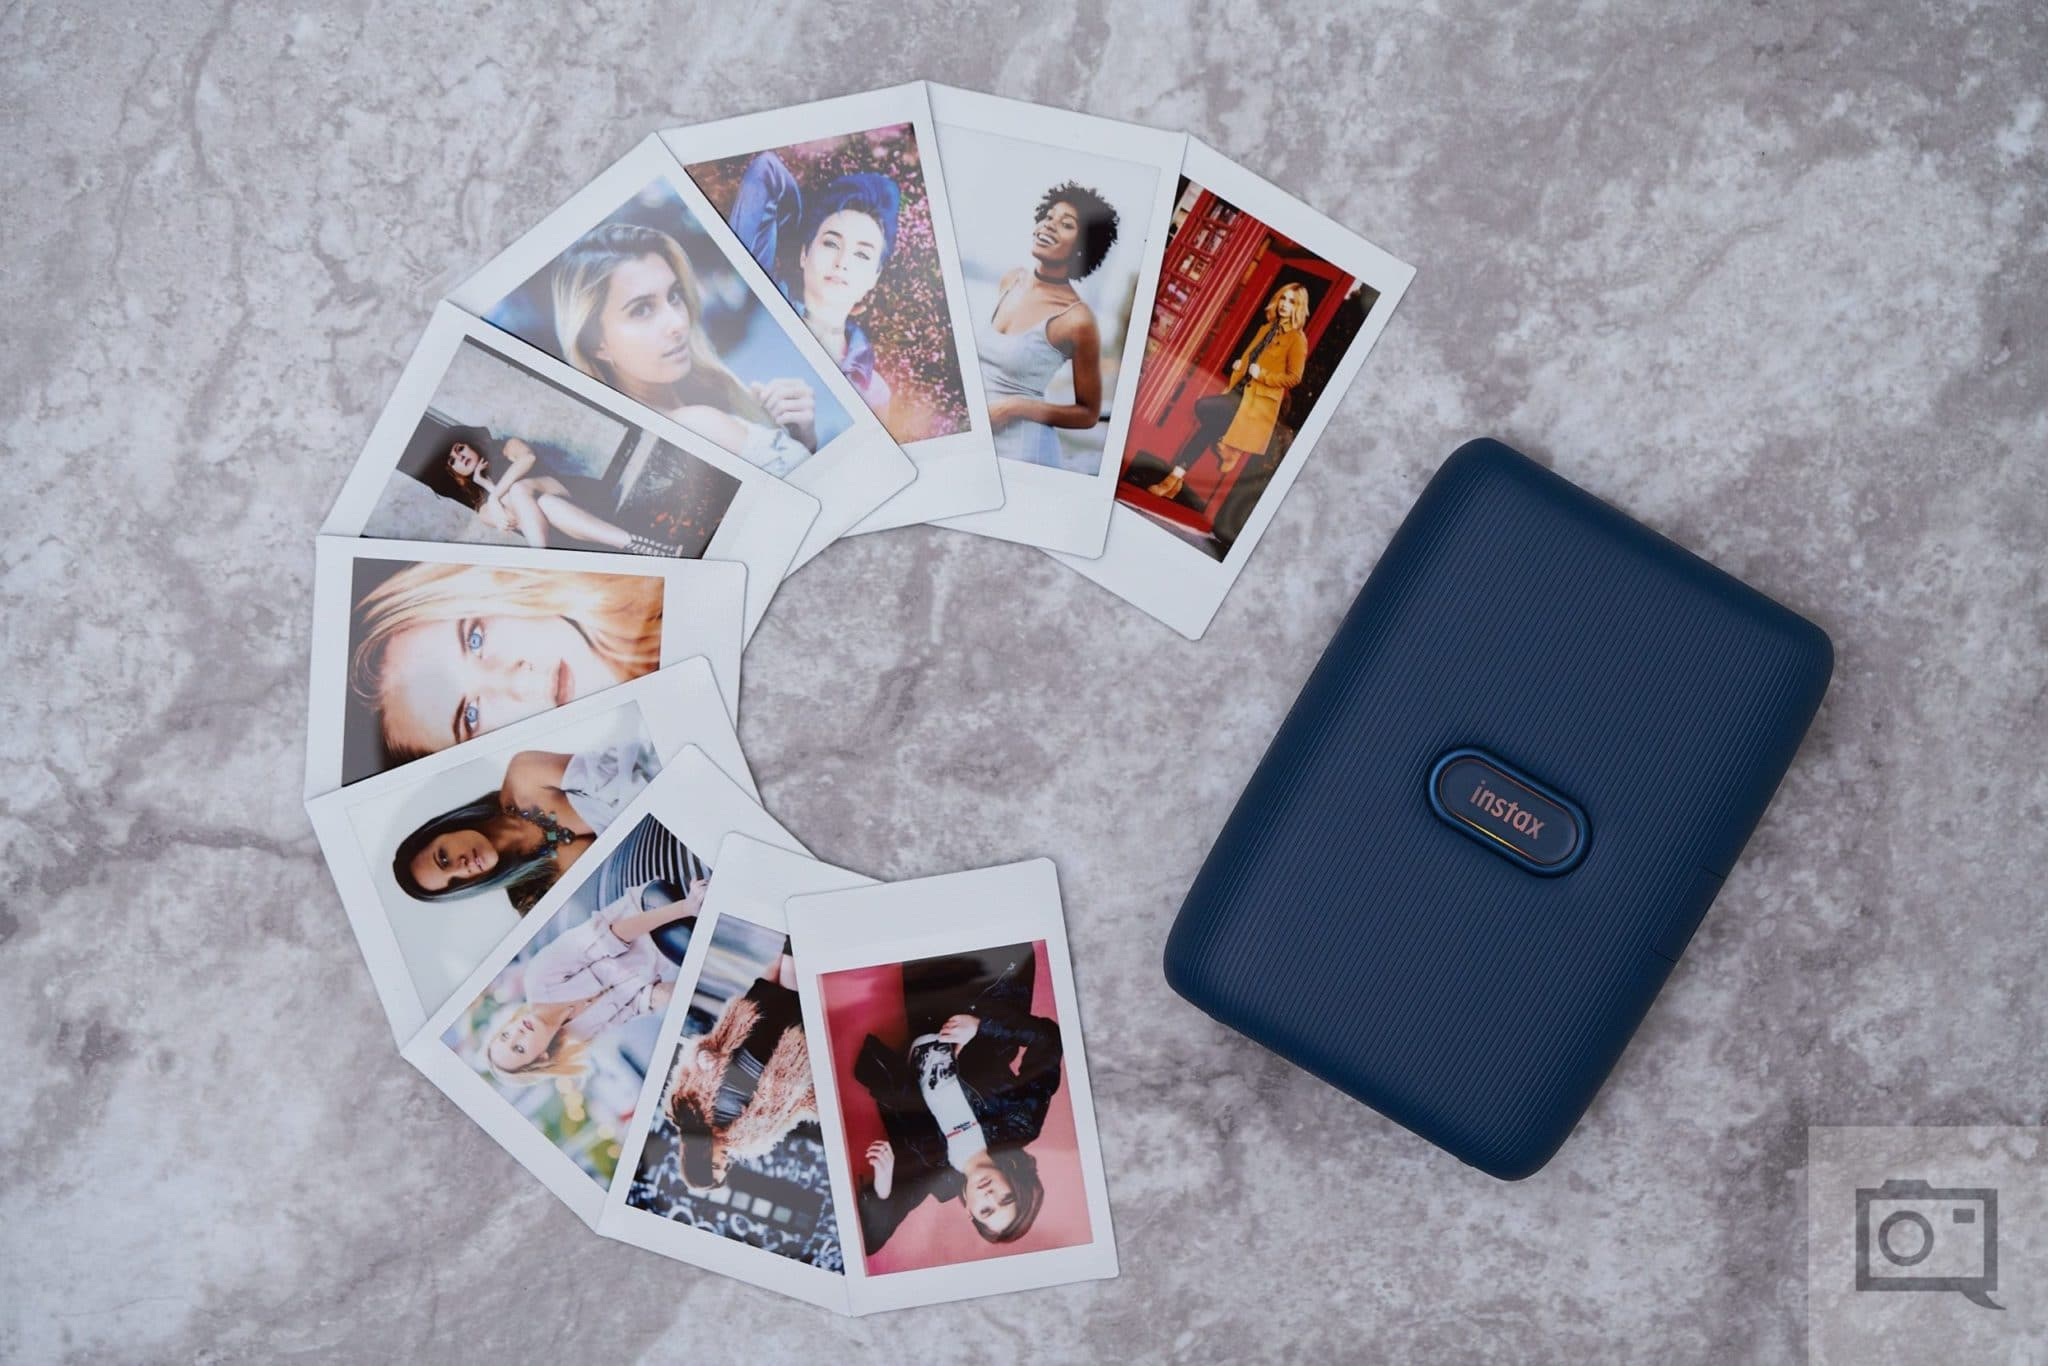 impresoras de fotos portatiles precios